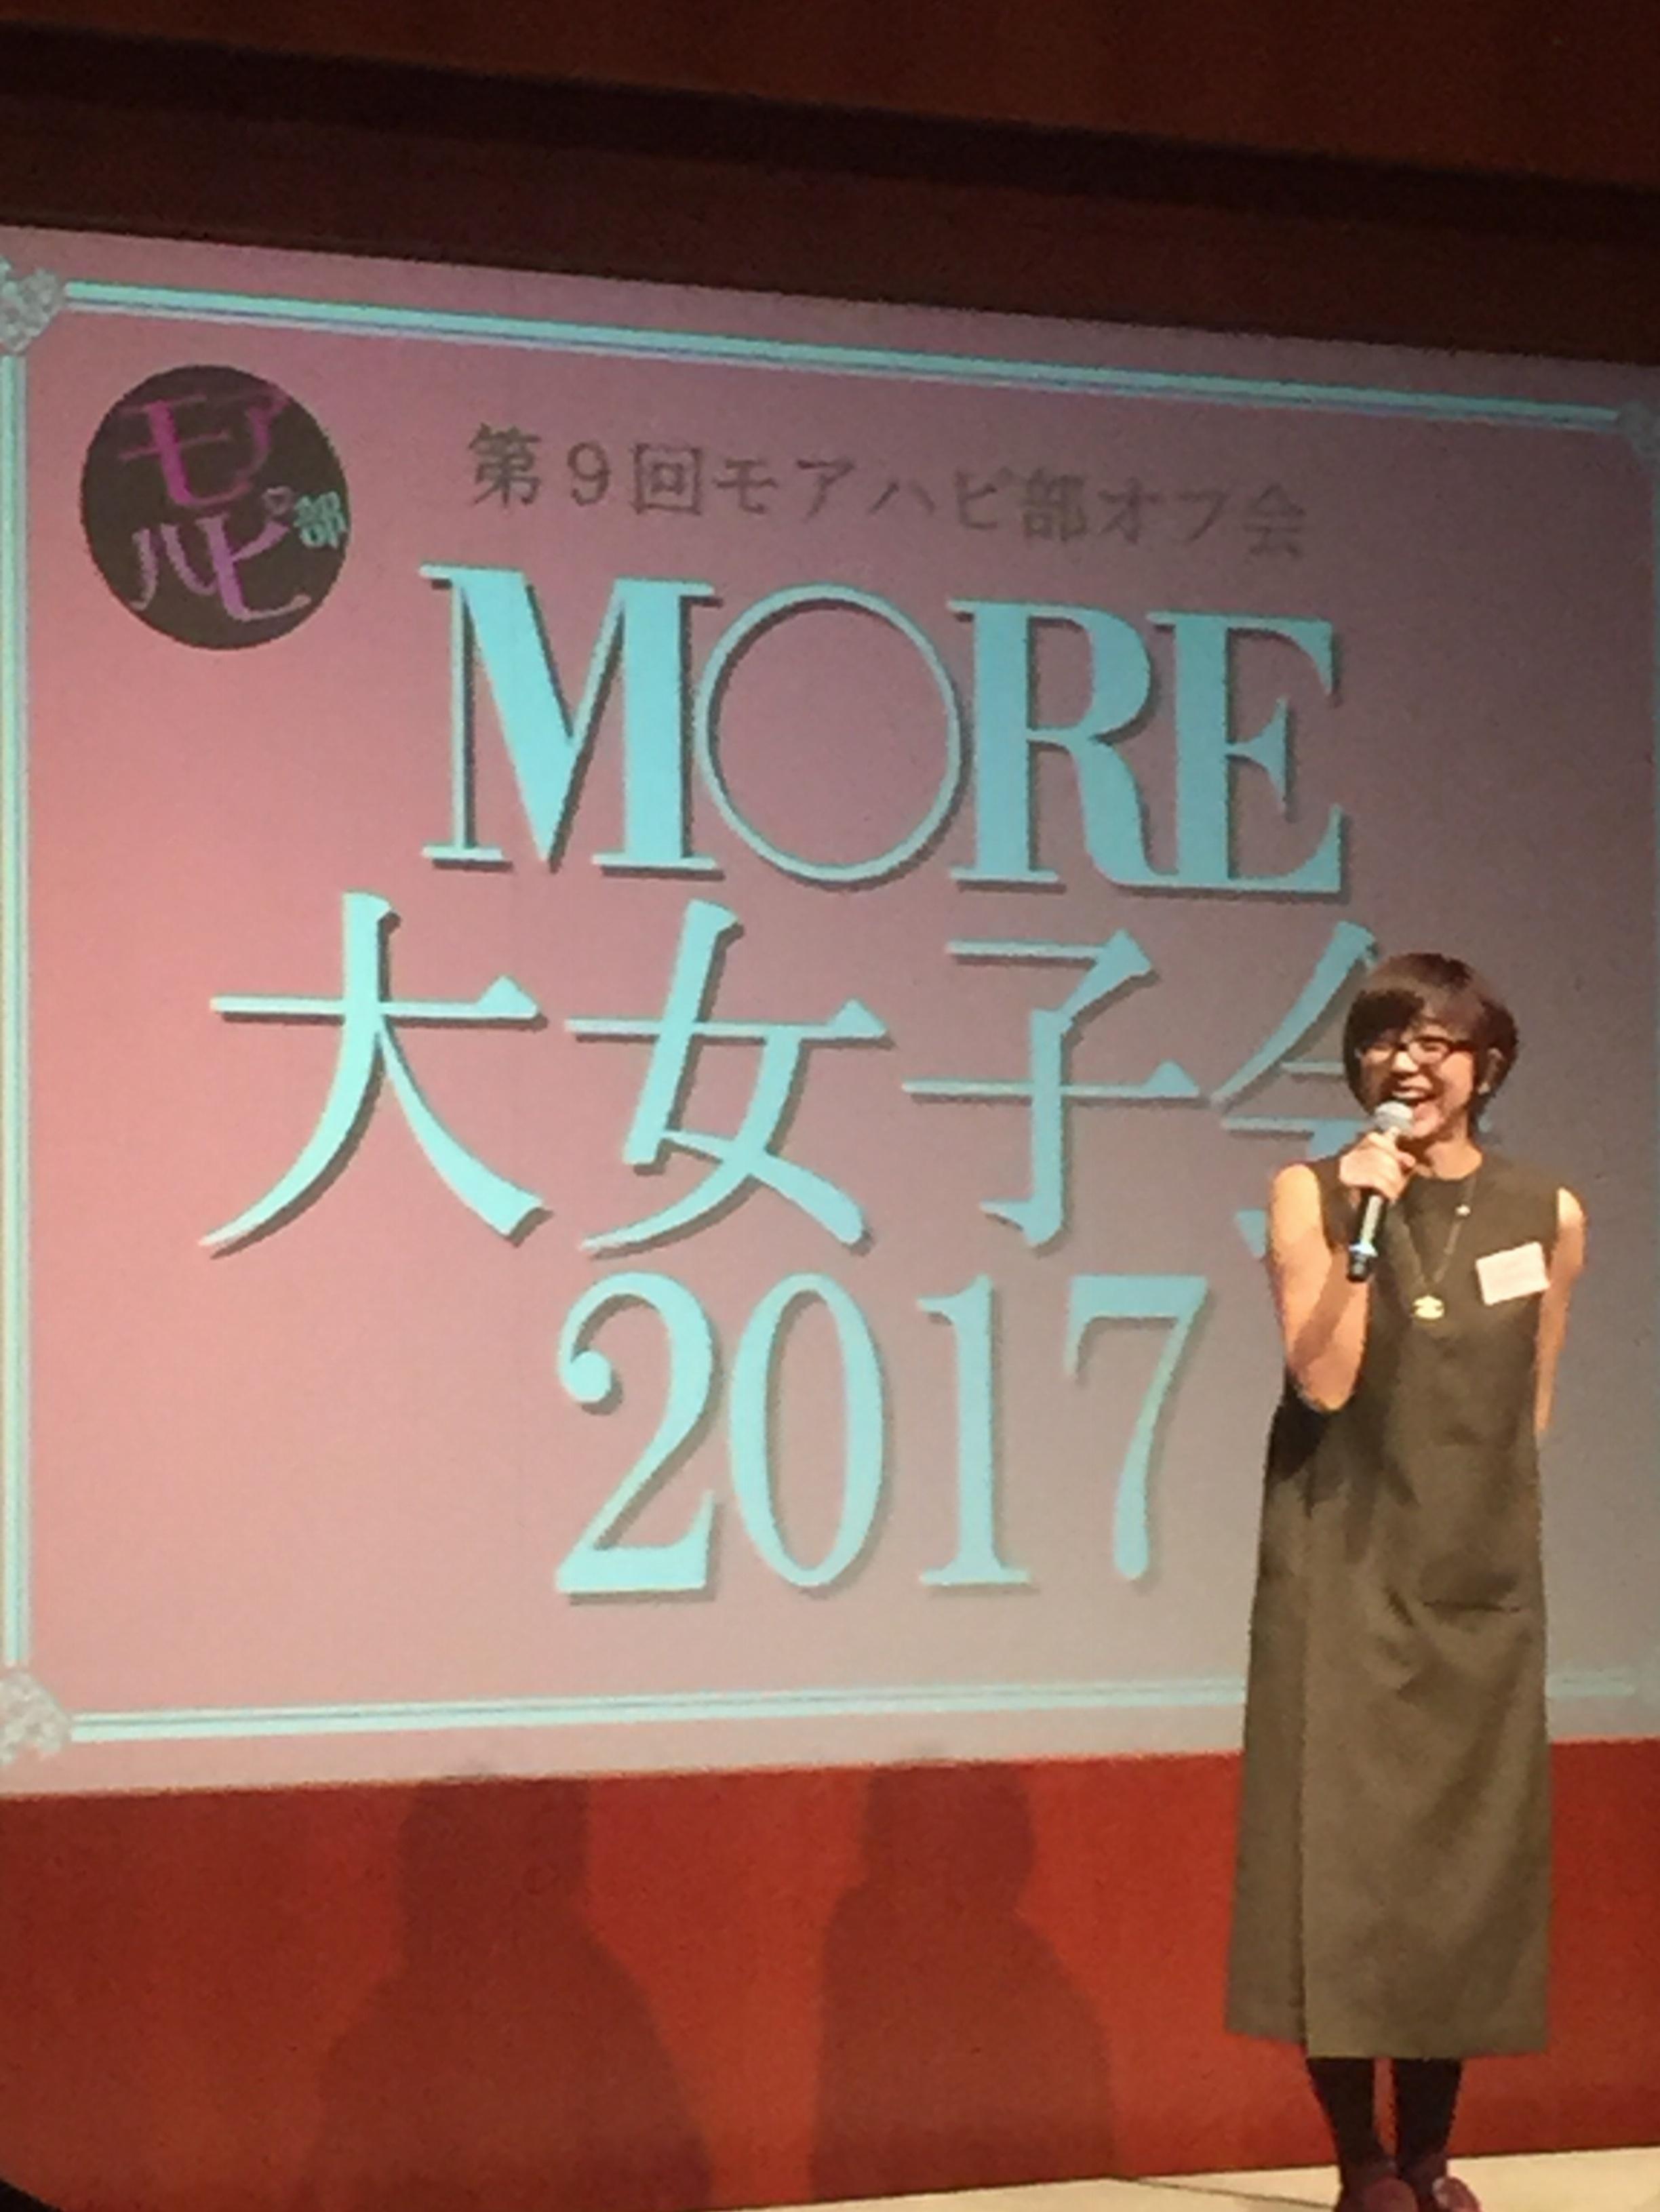 MORE大女子会2017!もっとMOREが好きになる♡MOREを愛する人たちの集まり♡♡_2